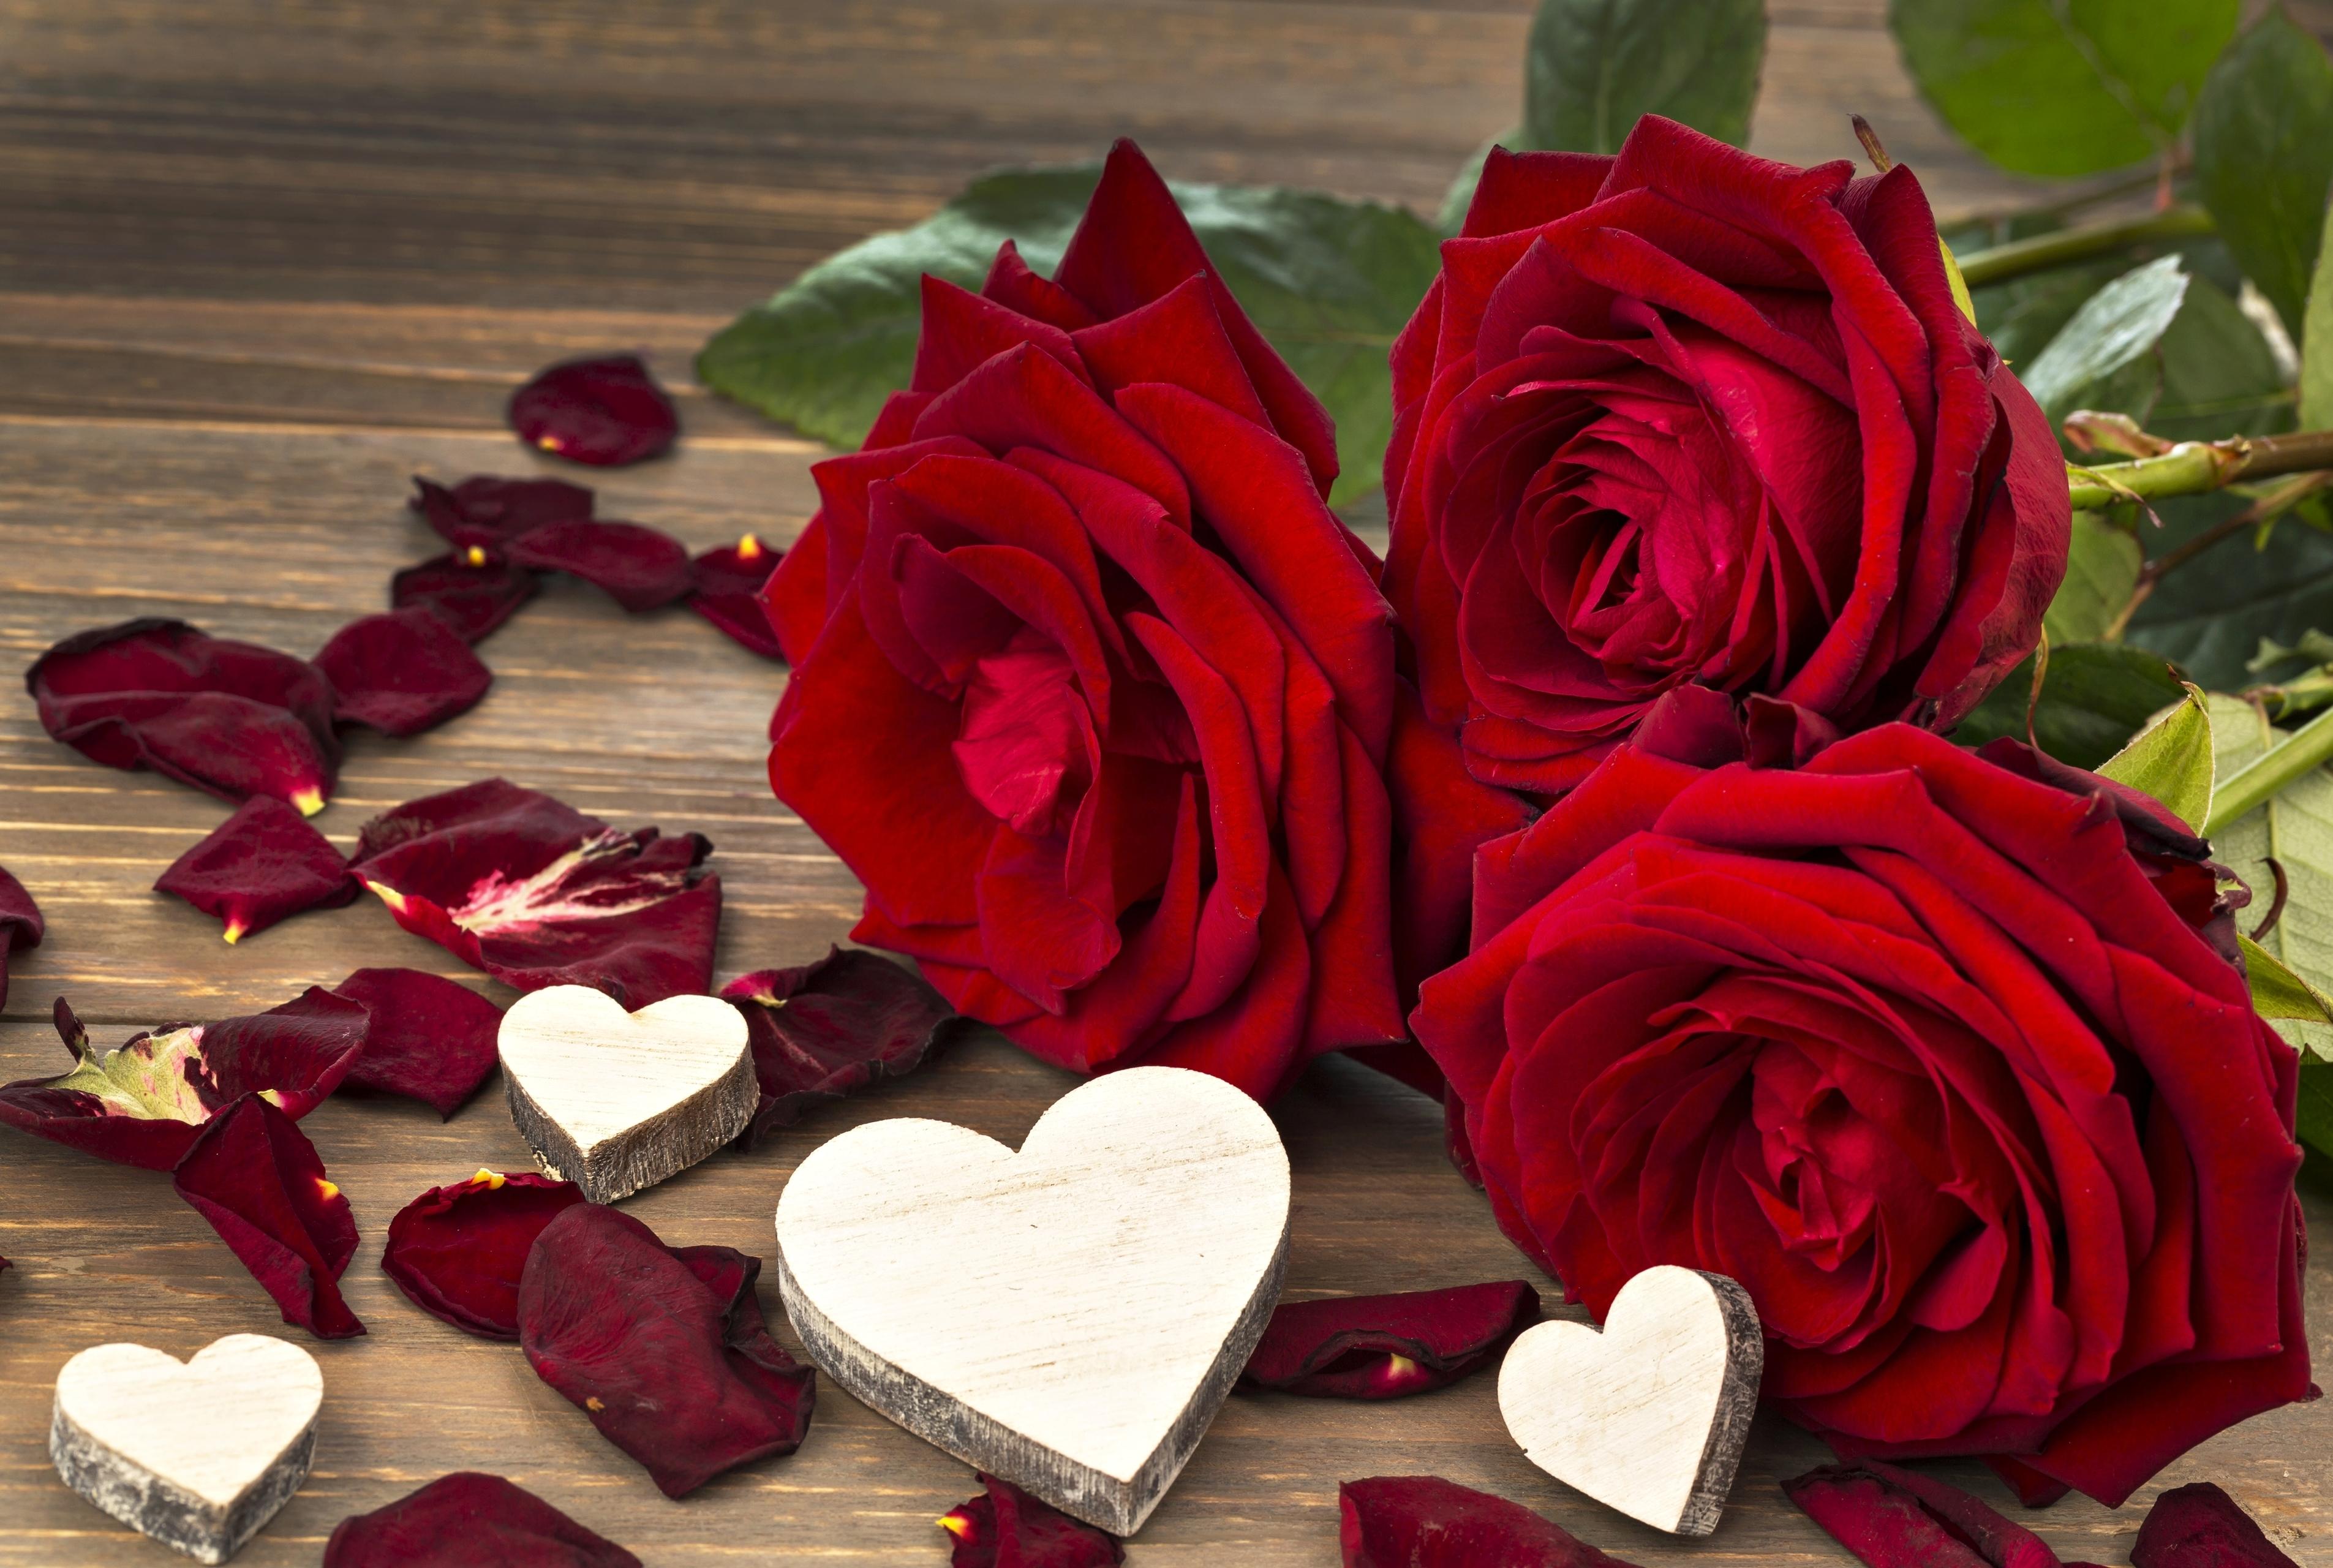 Открытки стихи, открытки про любовь цветы